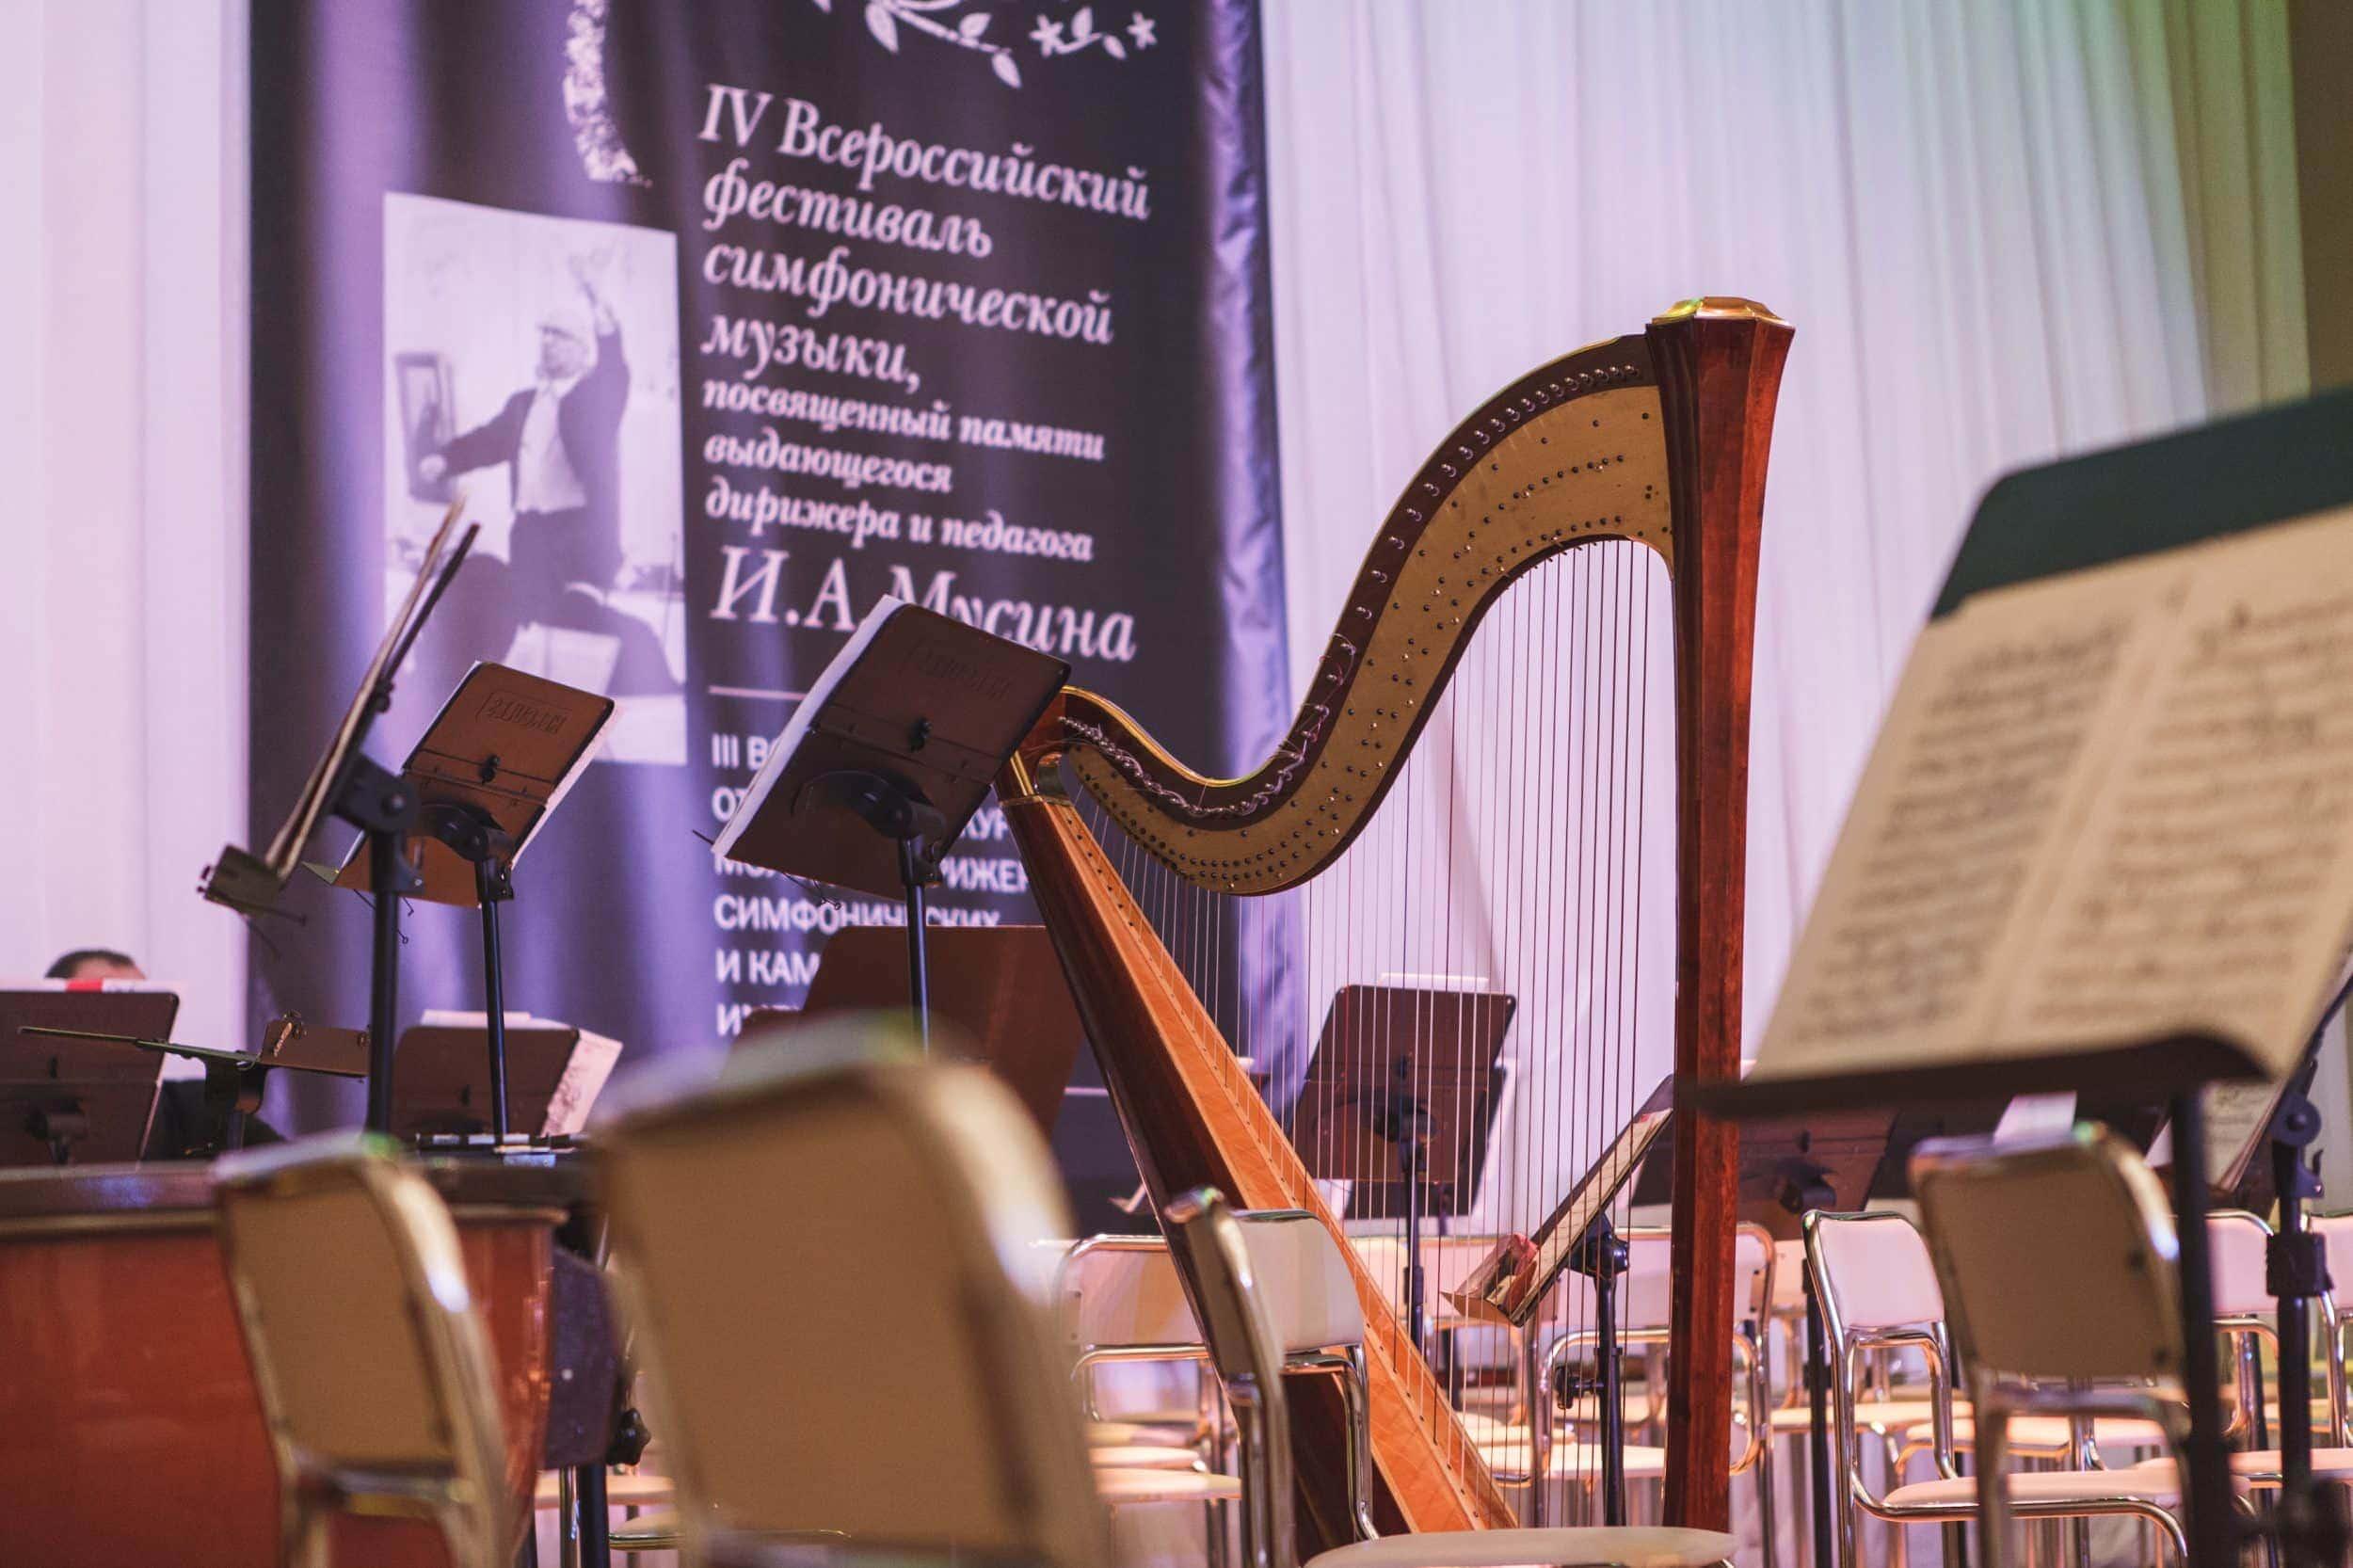 IV Всероссийский фестиваль симфонической музыки, посвященный памяти выдающегося дирижера и педагога И. А. Мусина